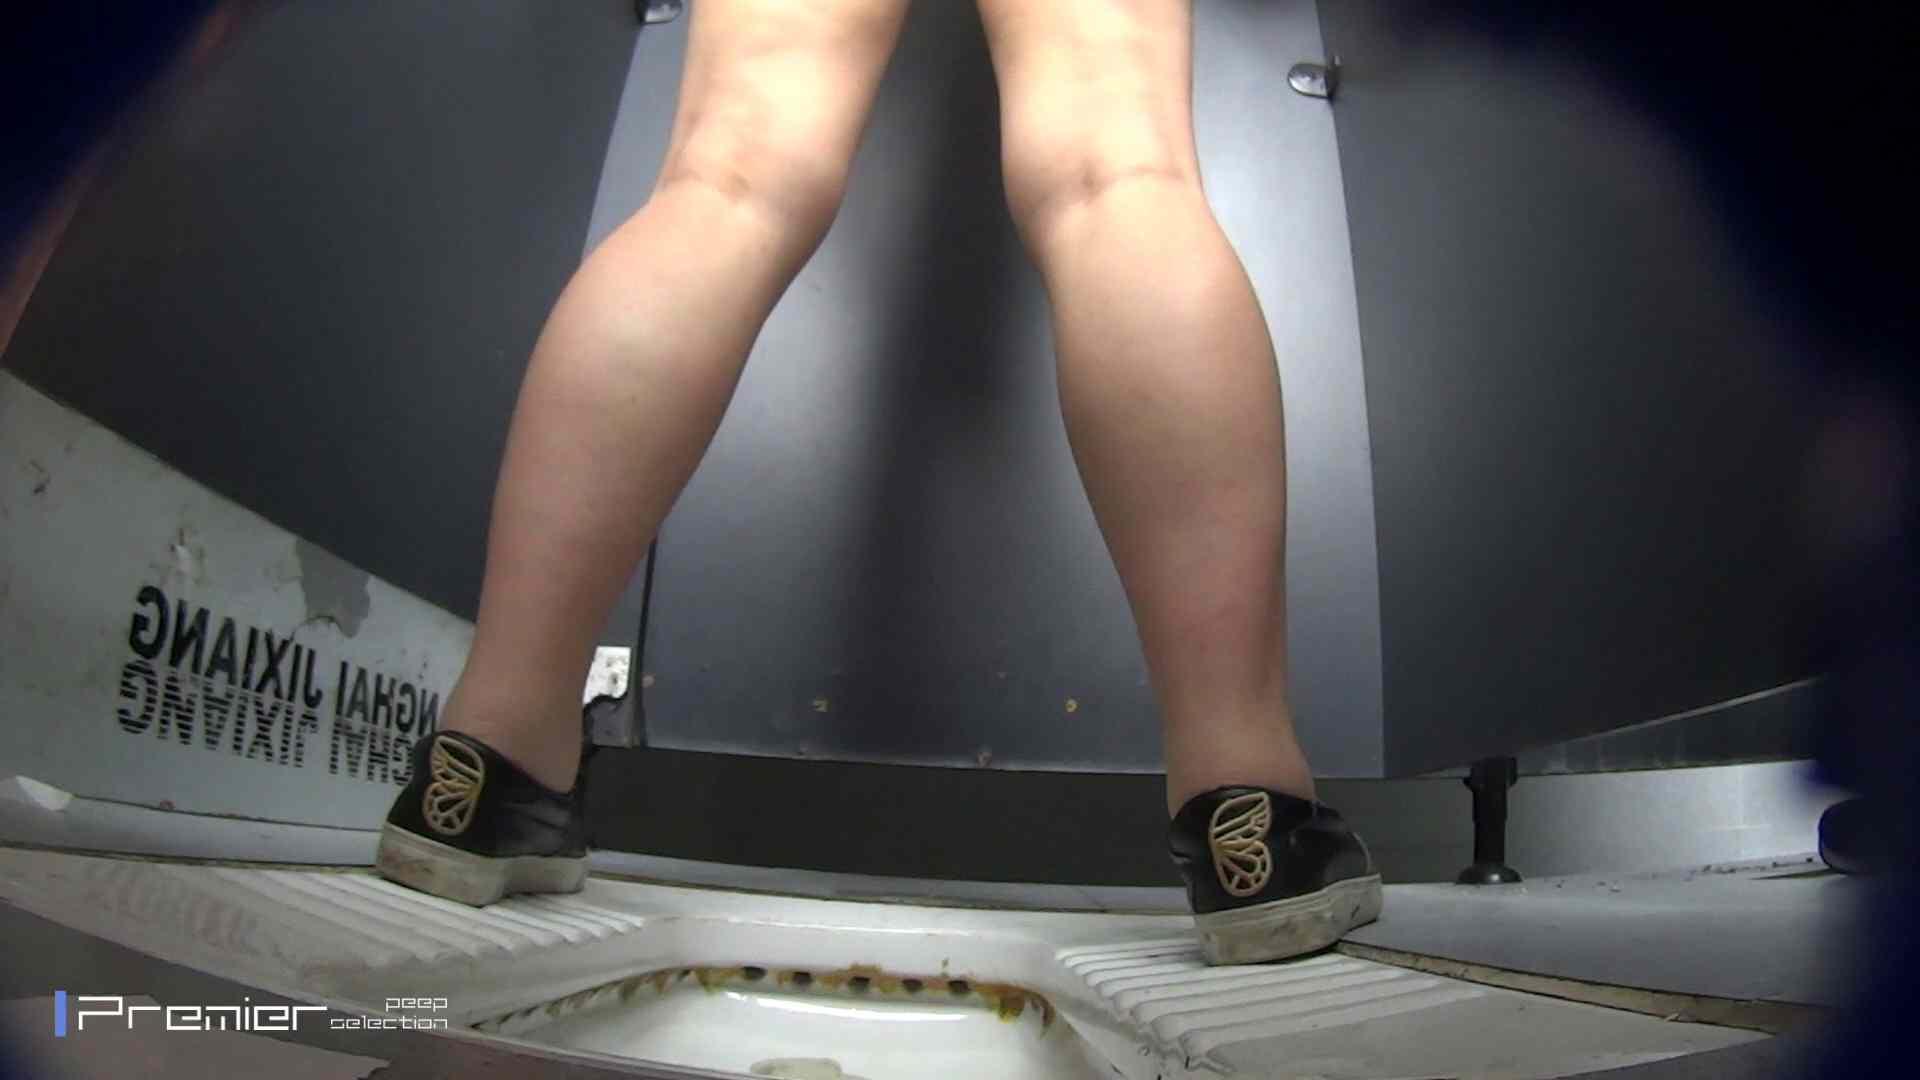 びゅーっと!オシッコ放出 大学休憩時間の洗面所事情47 高画質  64PIX 14